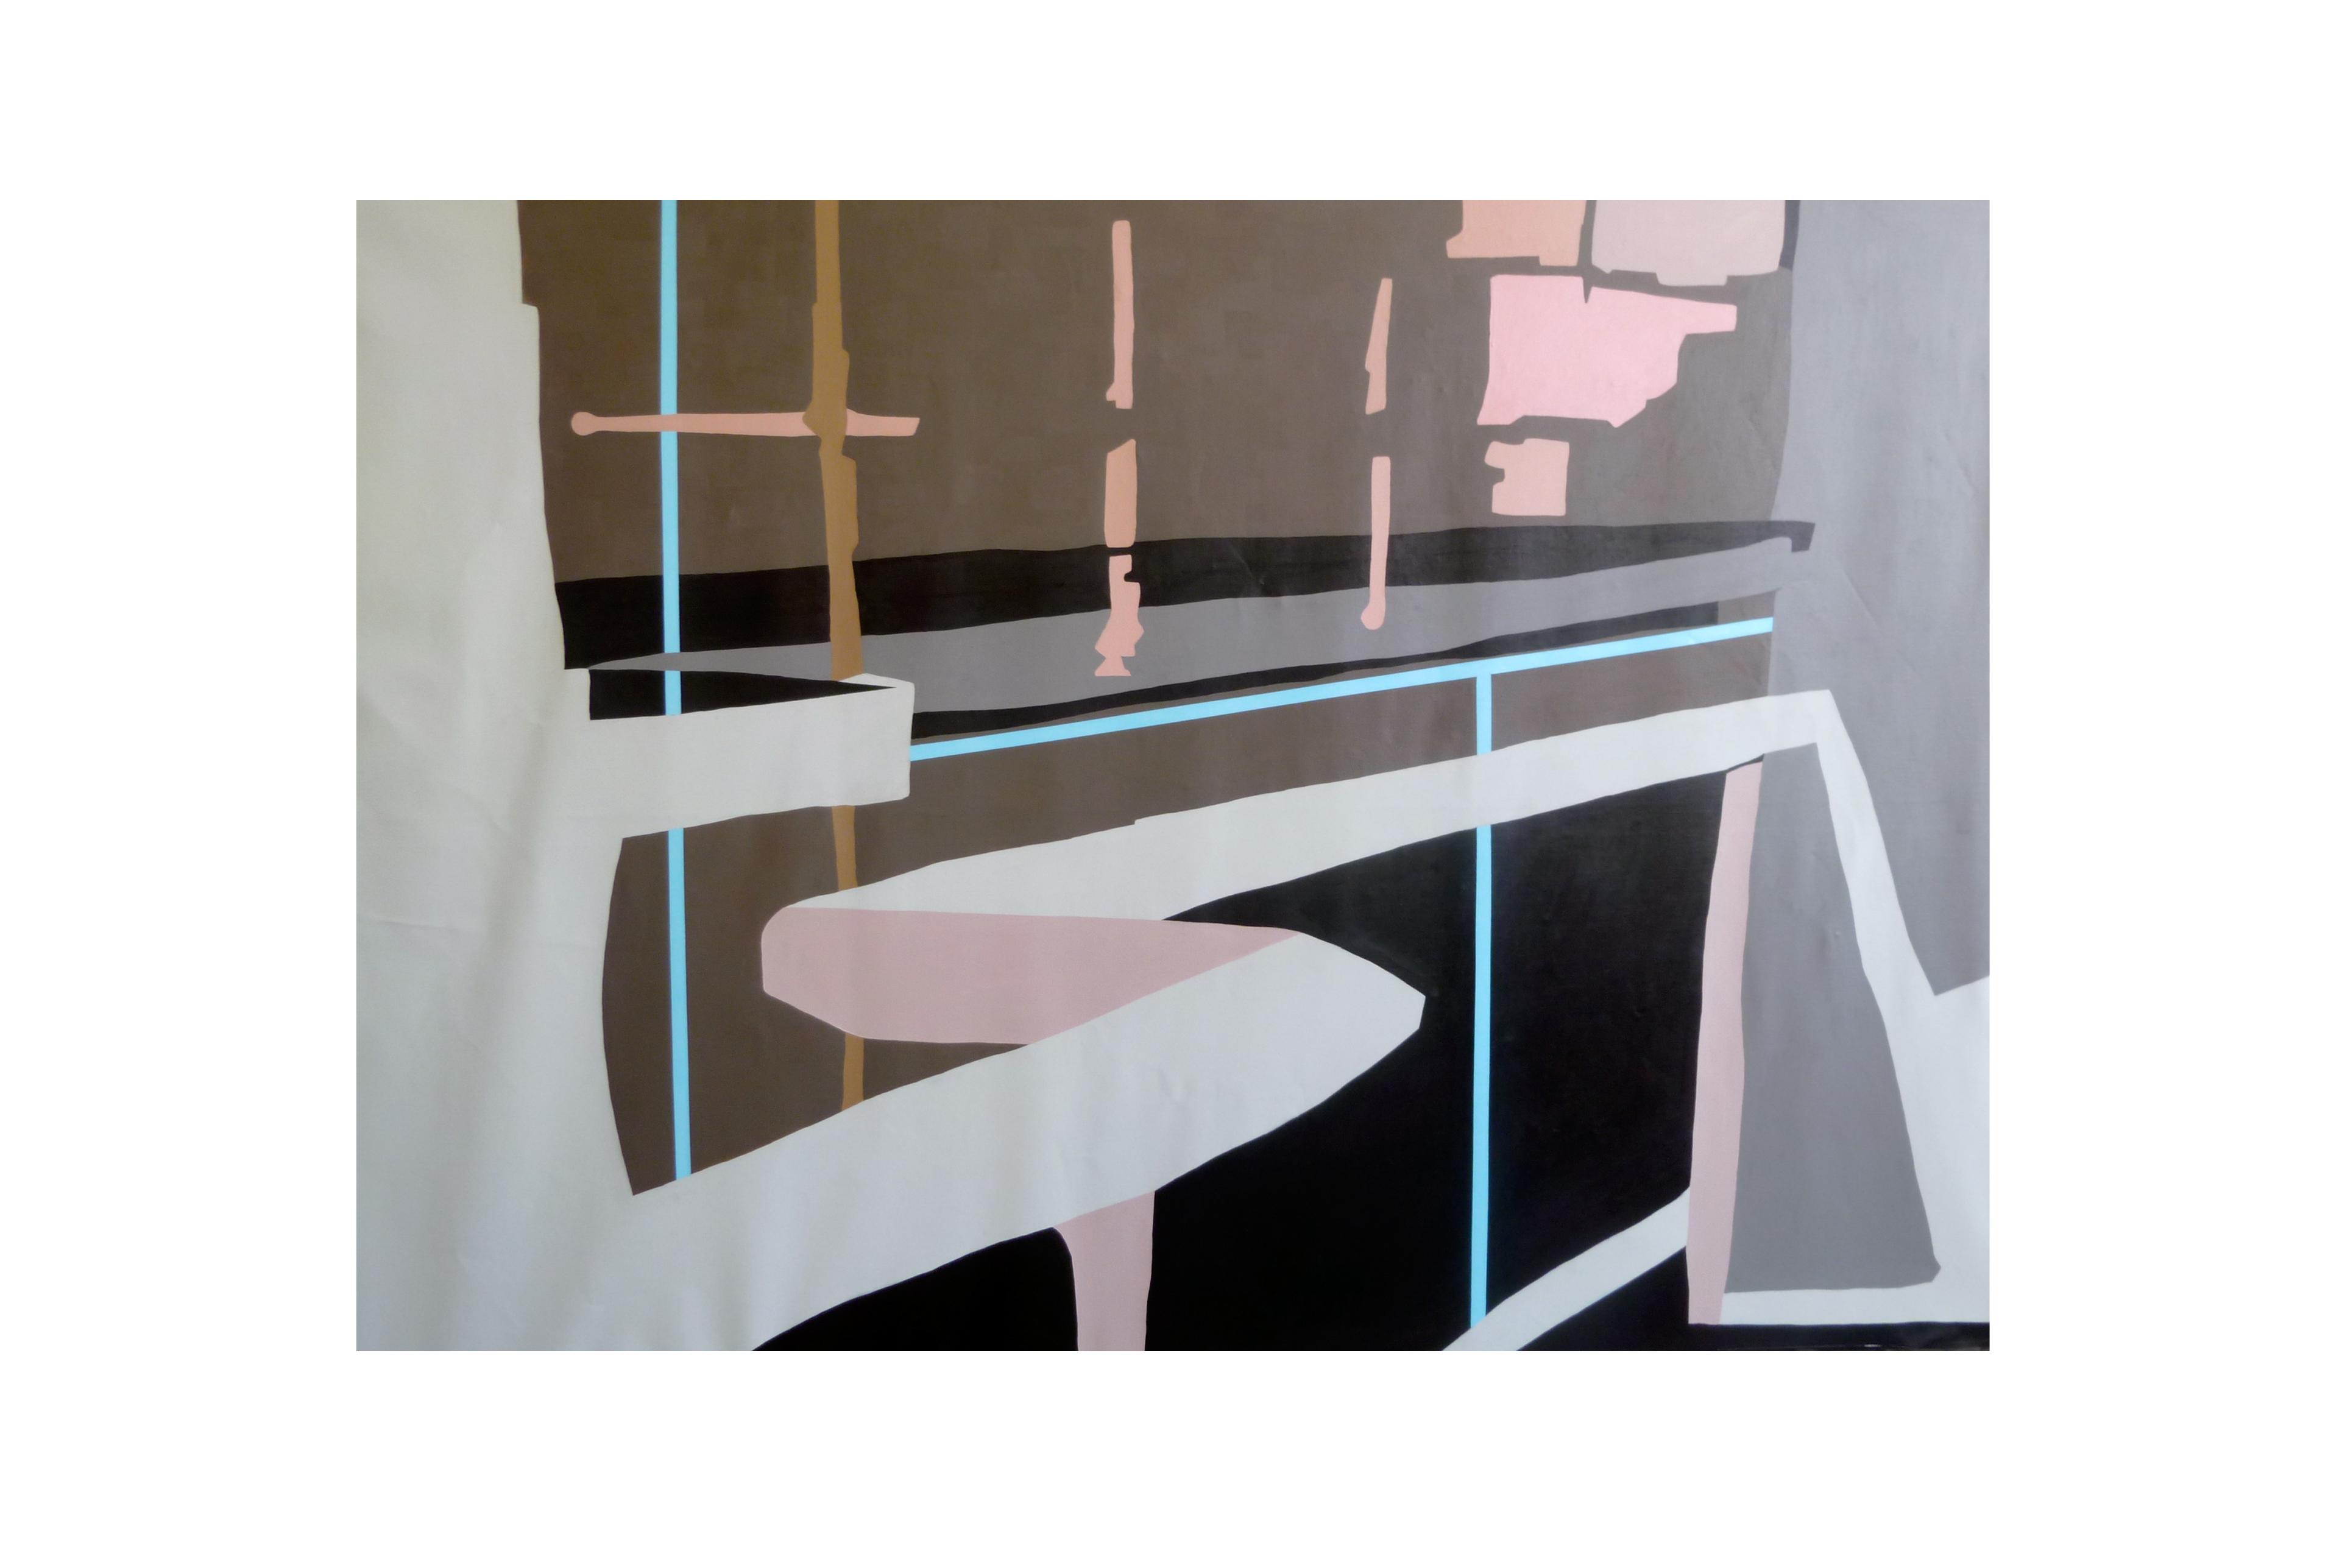 2011 - acryl op linnen 140x200